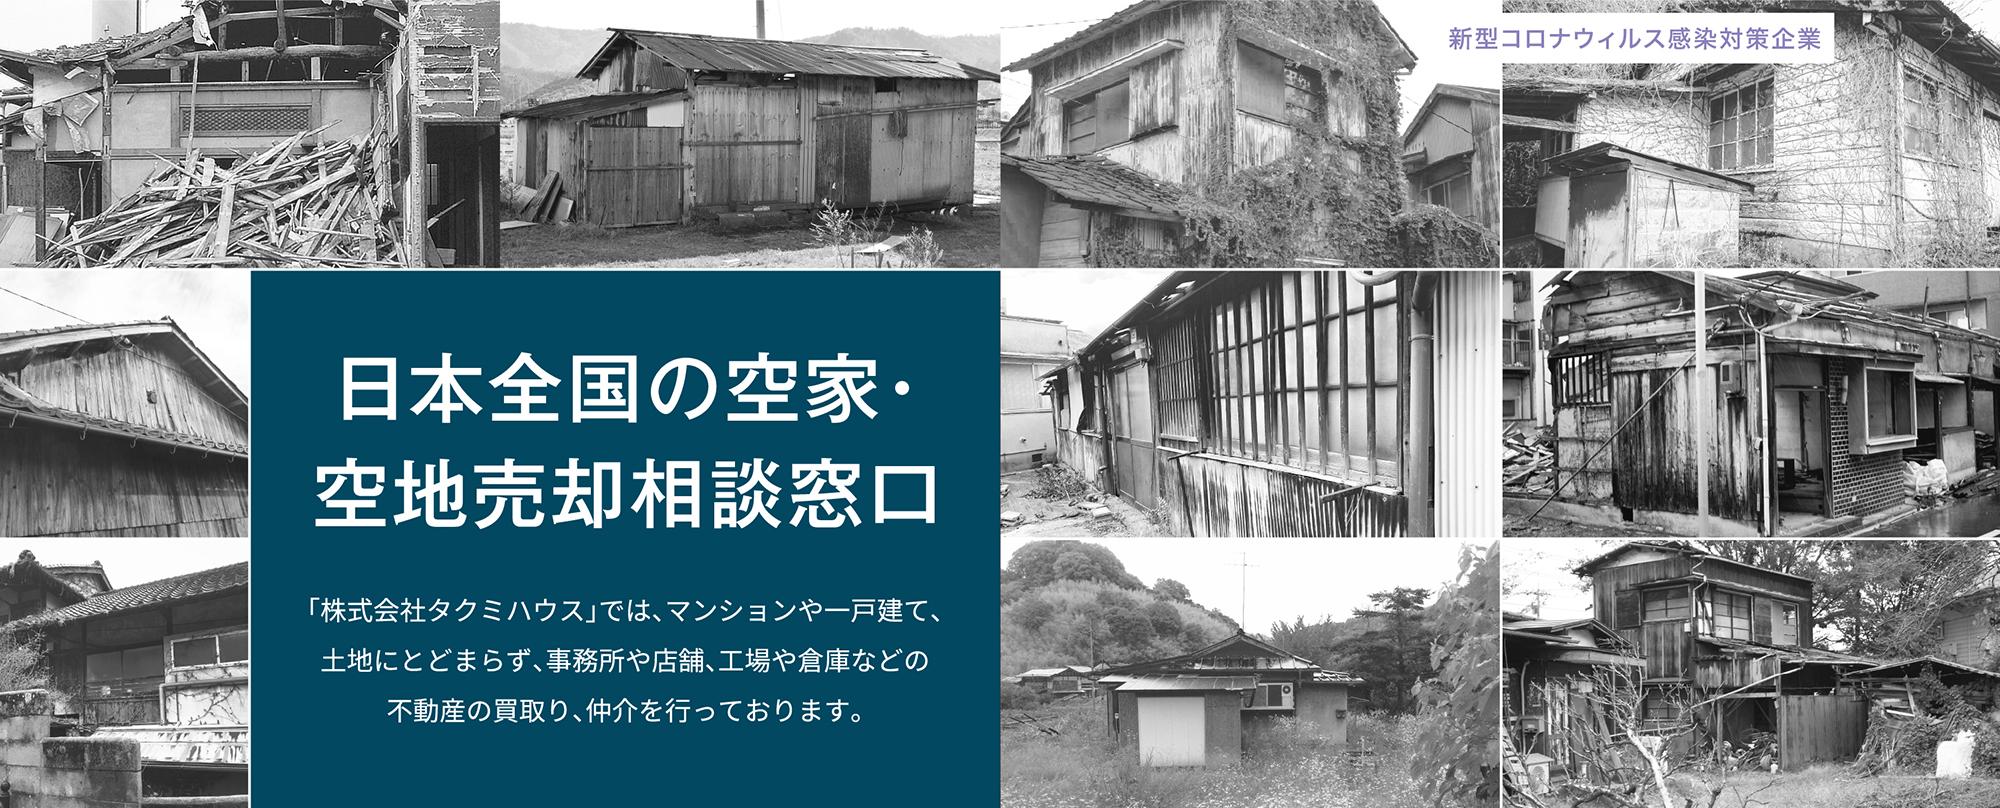 日本全国の空き家・空地売却相談窓口